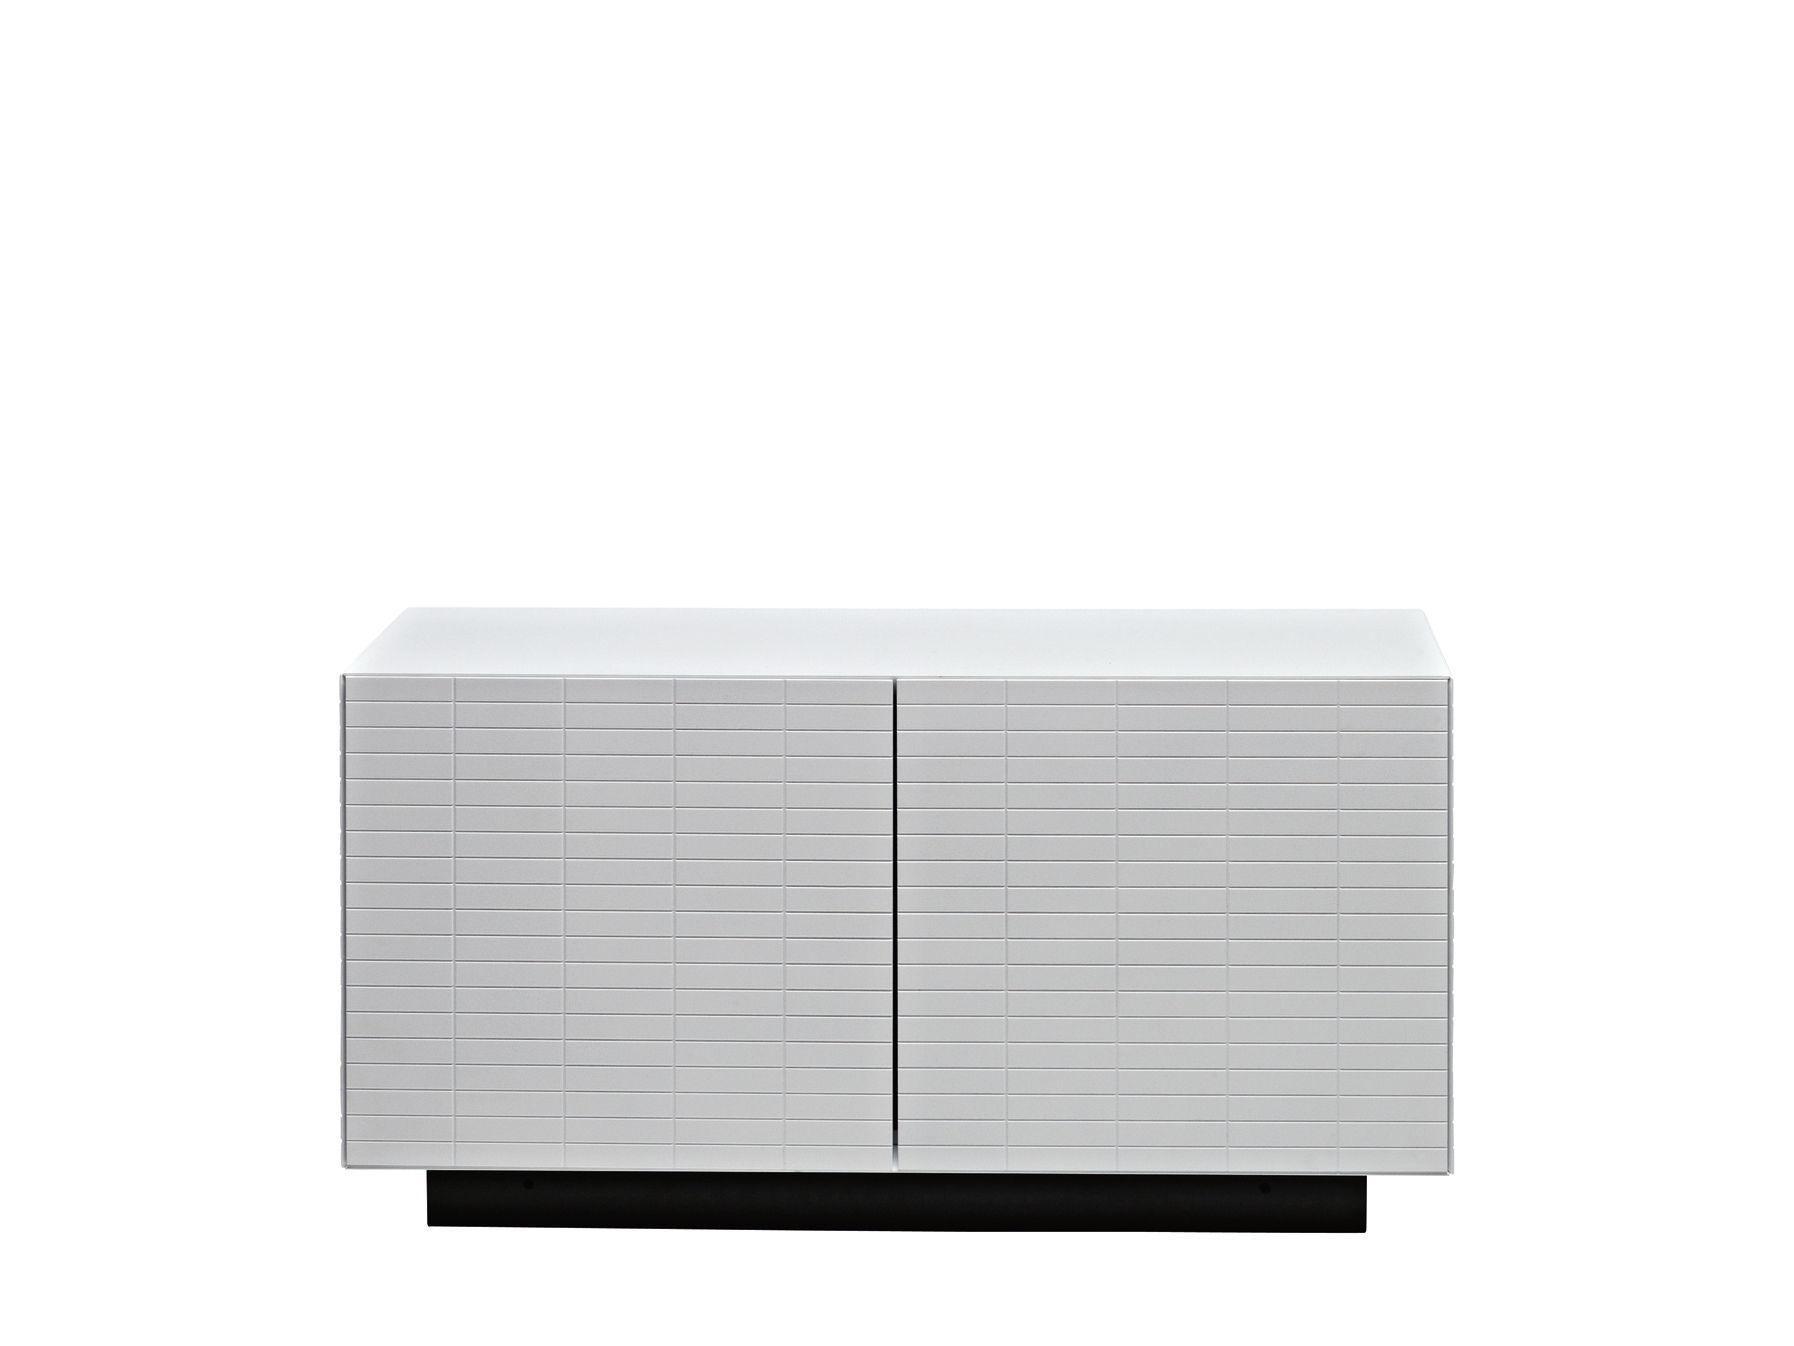 Mobilier - Meubles de rangement - Meuble bas Toshi / Modèle n°2 - L 91 cm x H 47,5 cm - Casamania - Blanc / Base anthracite - MDF laqué, Métal